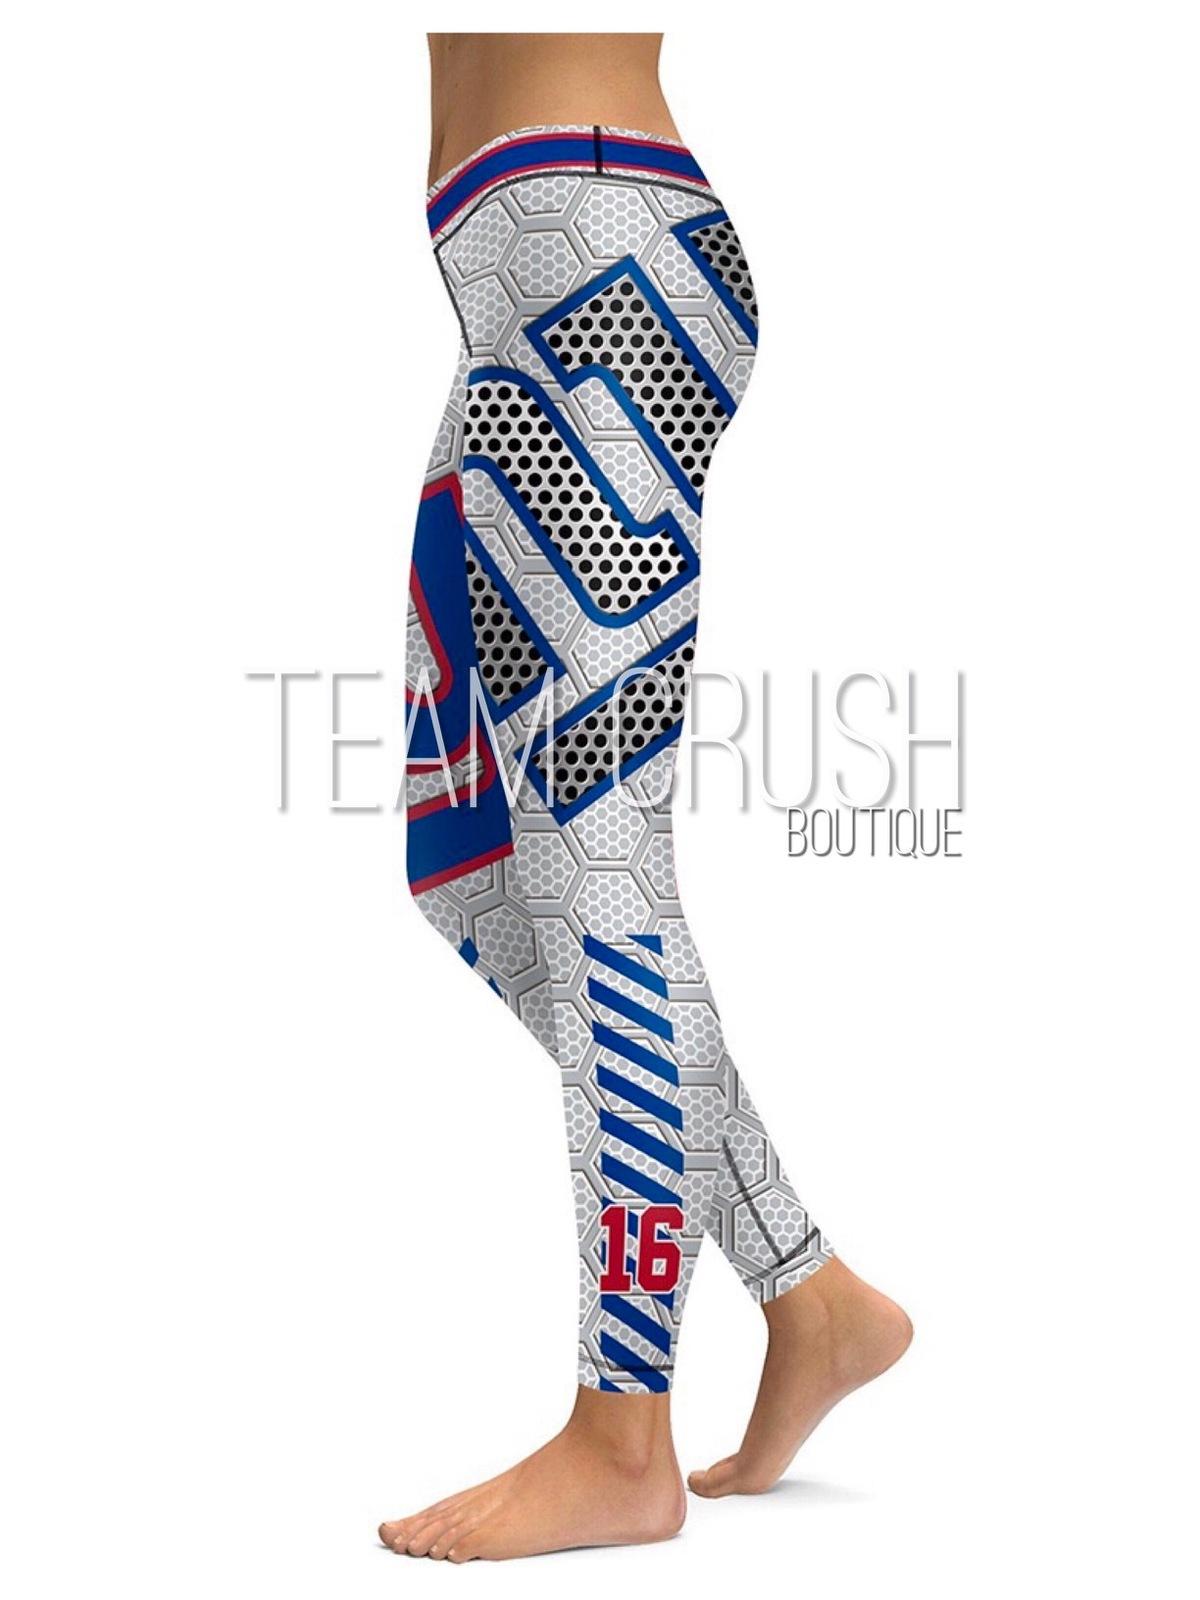 2910971e NY GIANTS Leggings HQ - #16 Women Fan Gear - and 13 similar items